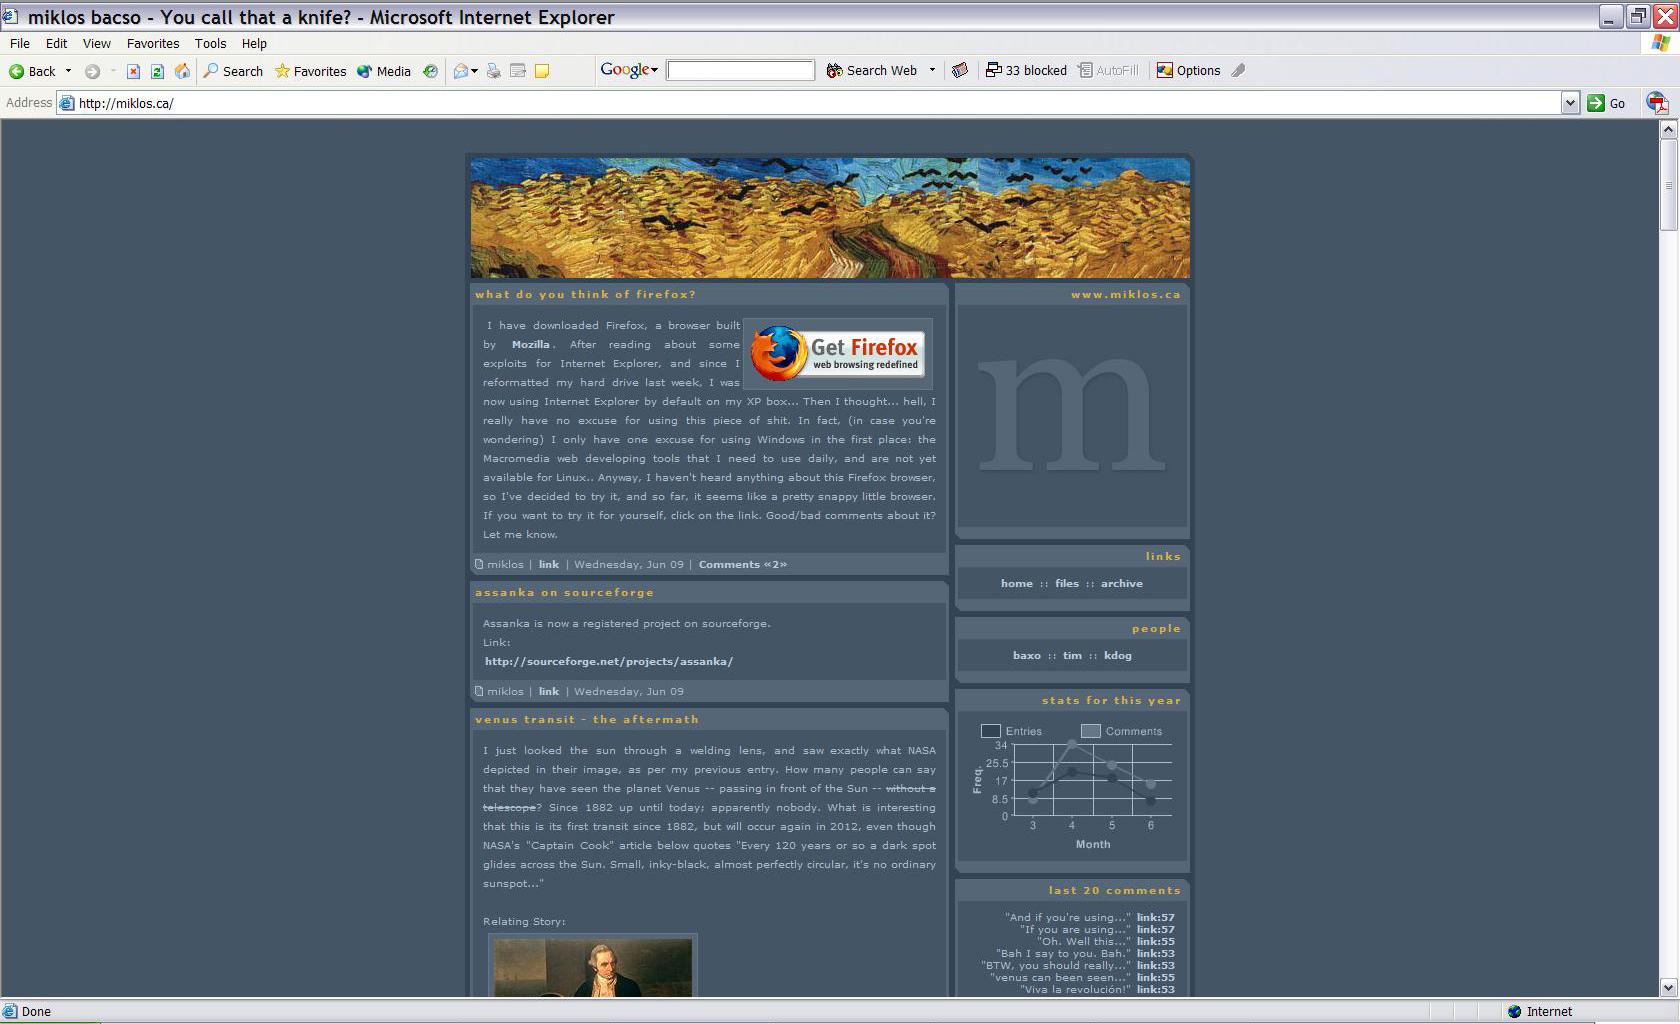 Screenshot from 2004